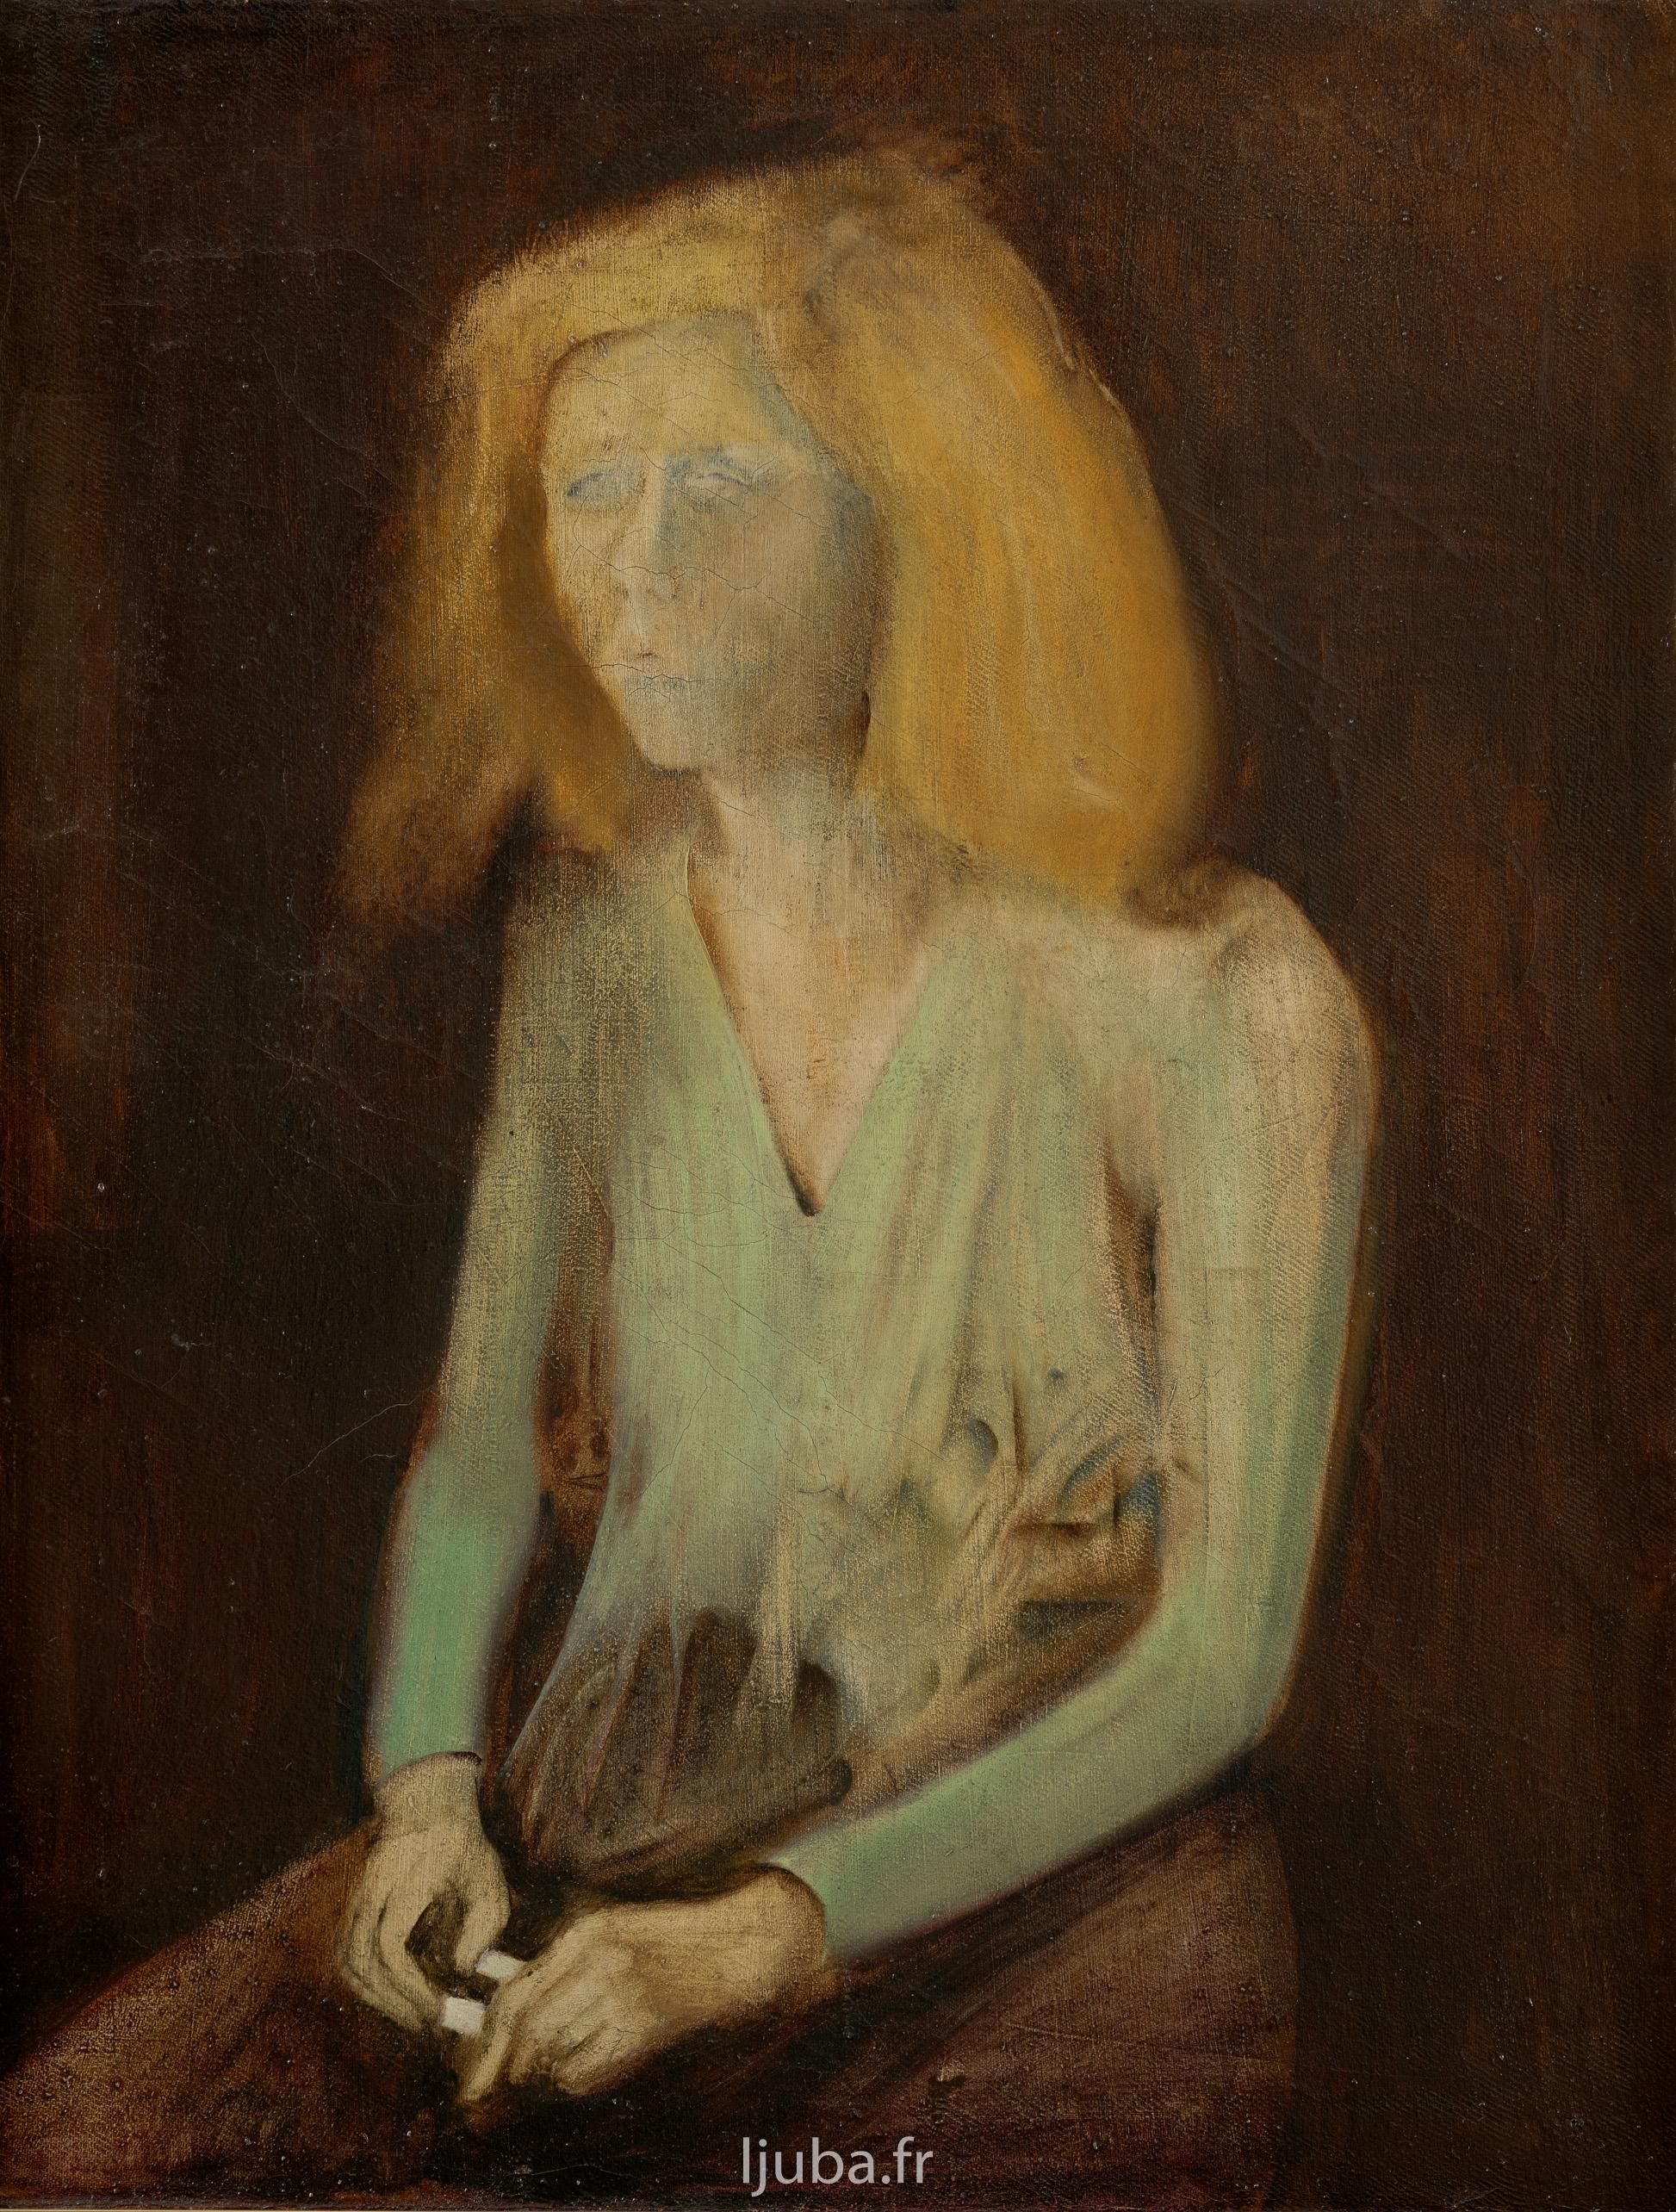 Ljuba Popovic - 1957, Žuta osoba